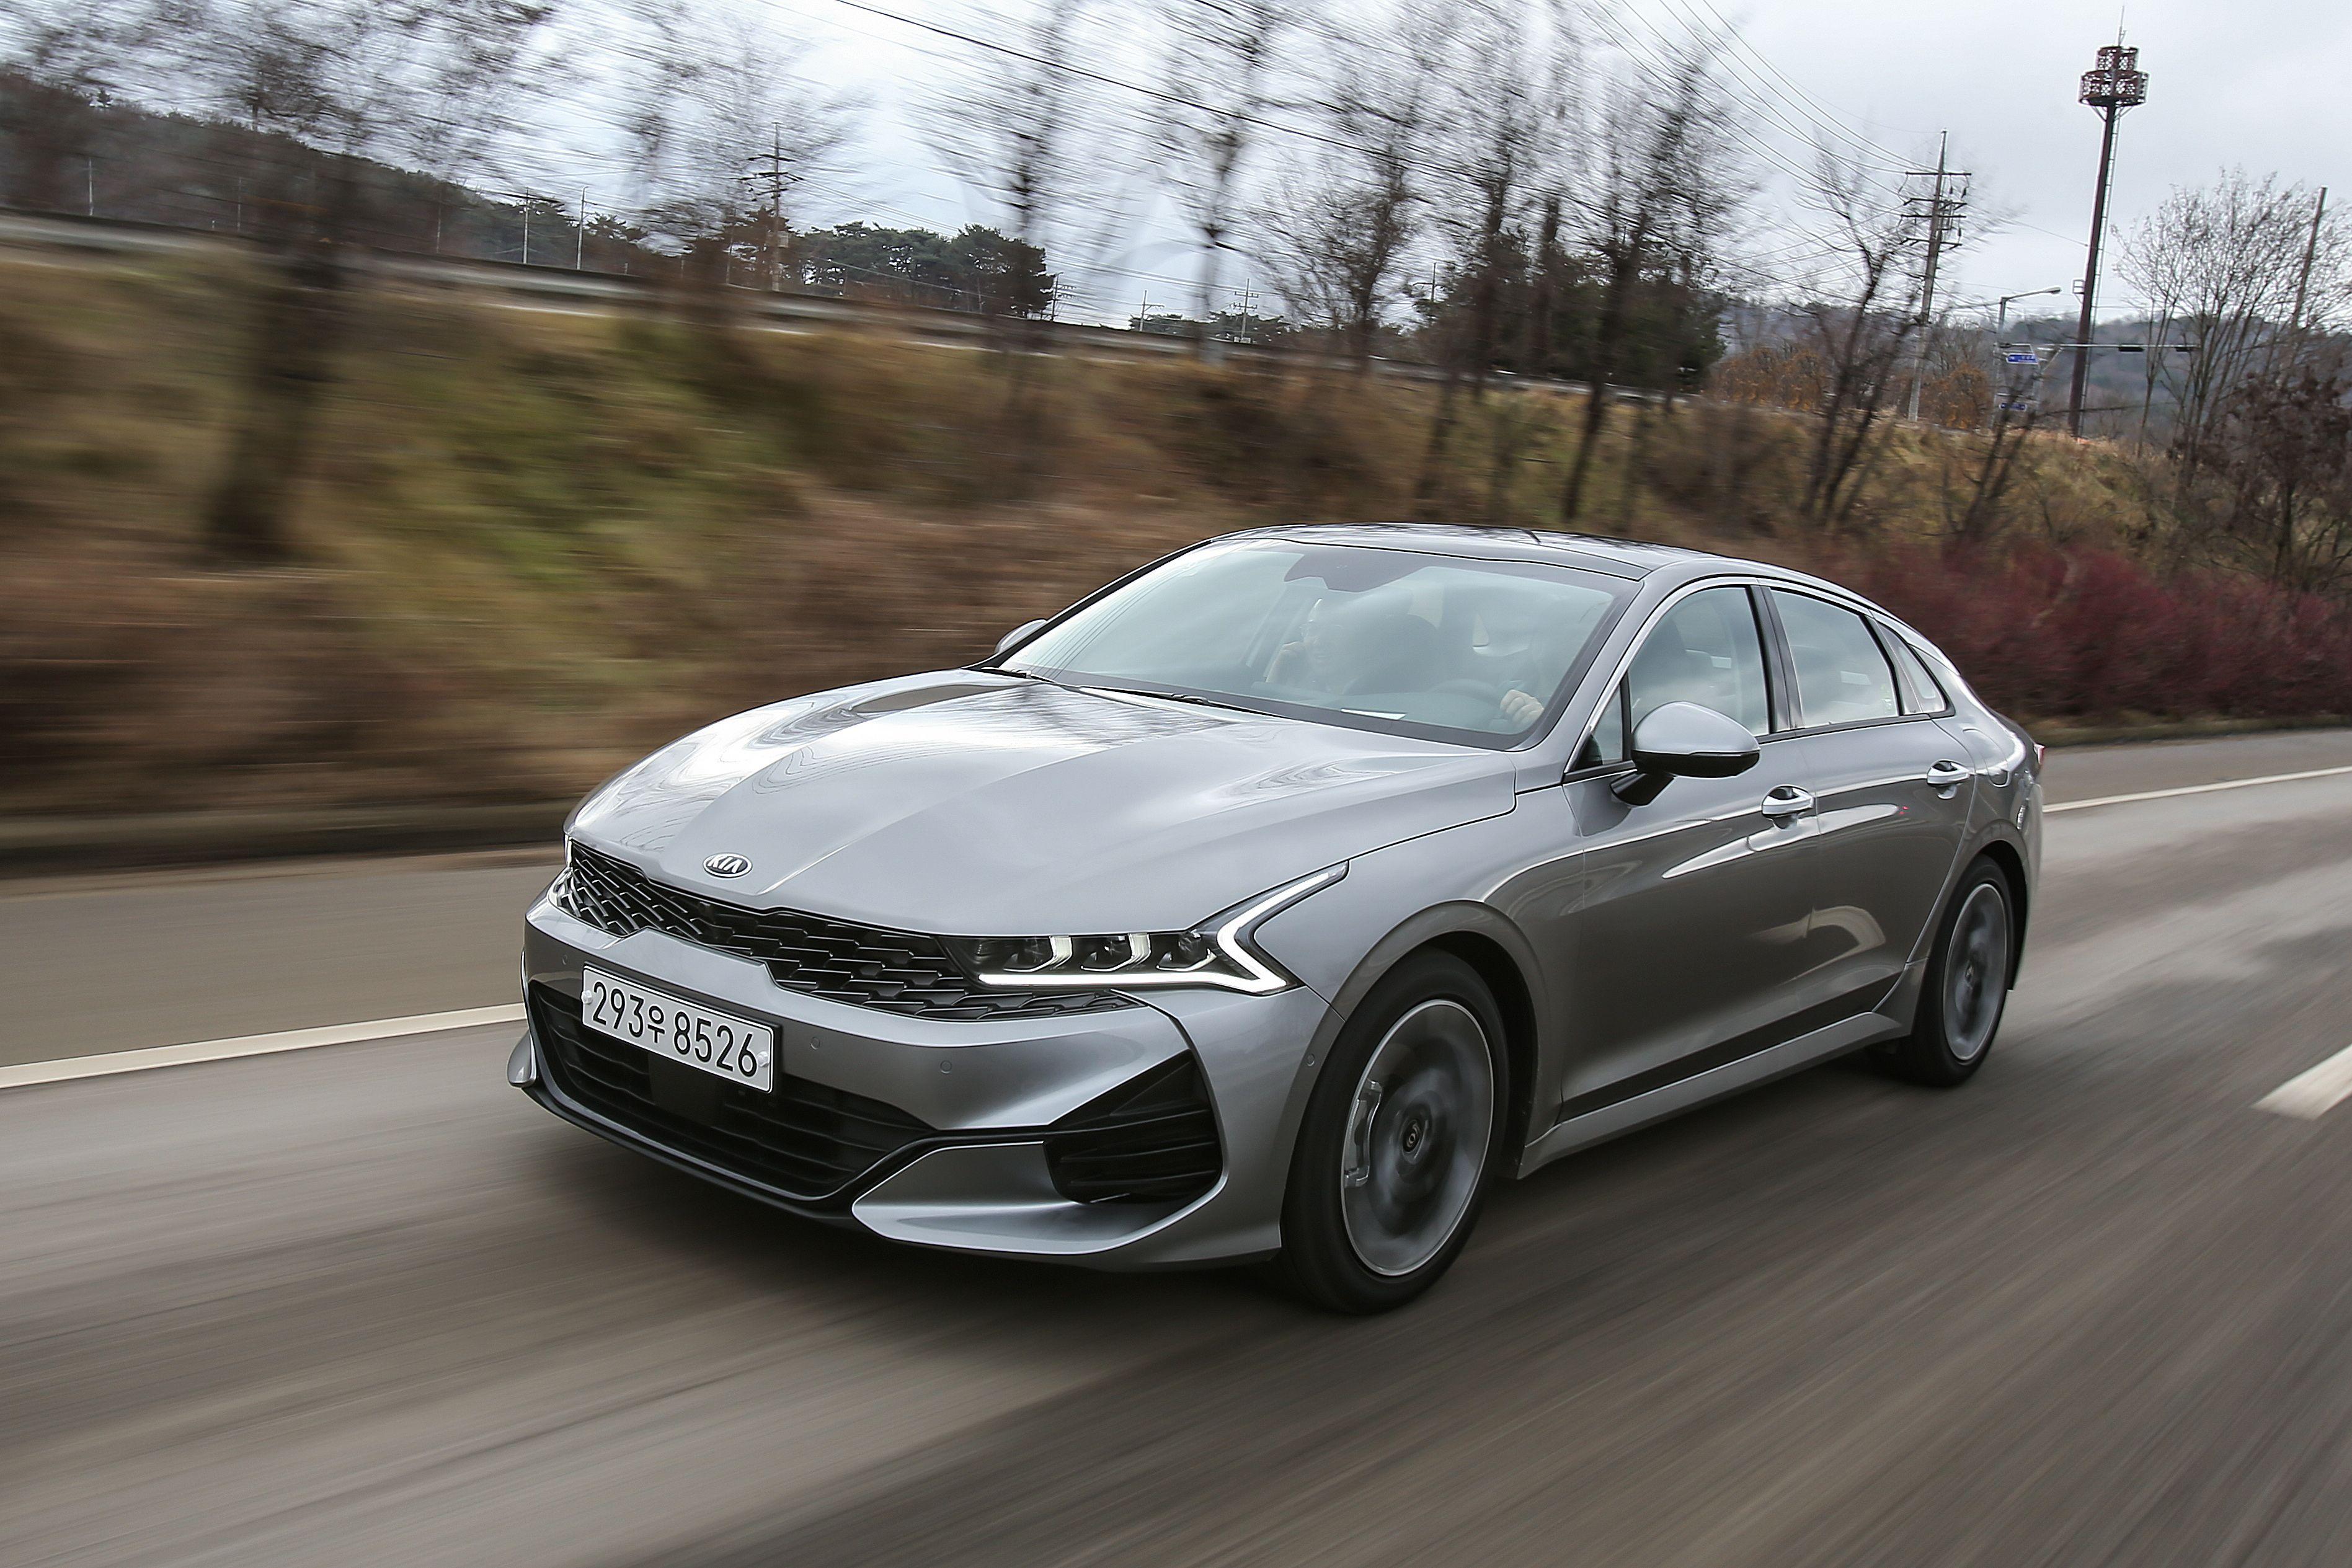 Киа Оптима 2020 цены на модель в новом кузове, комплектации, фото, видео